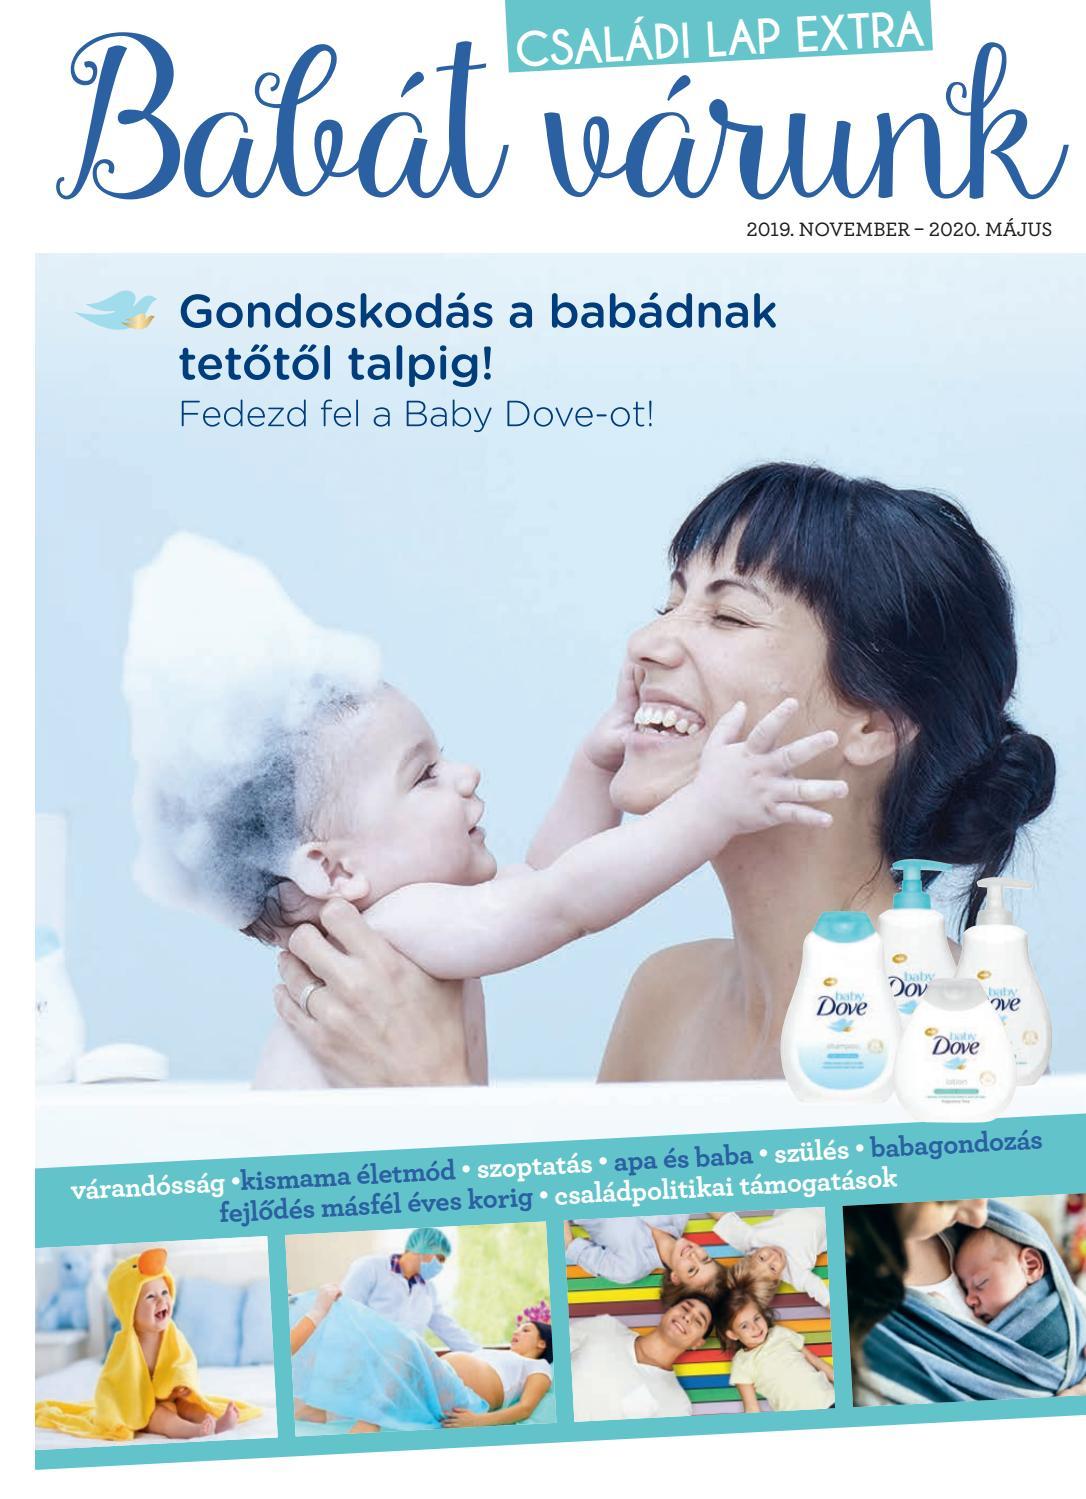 ha a várandós féreg káros a babára